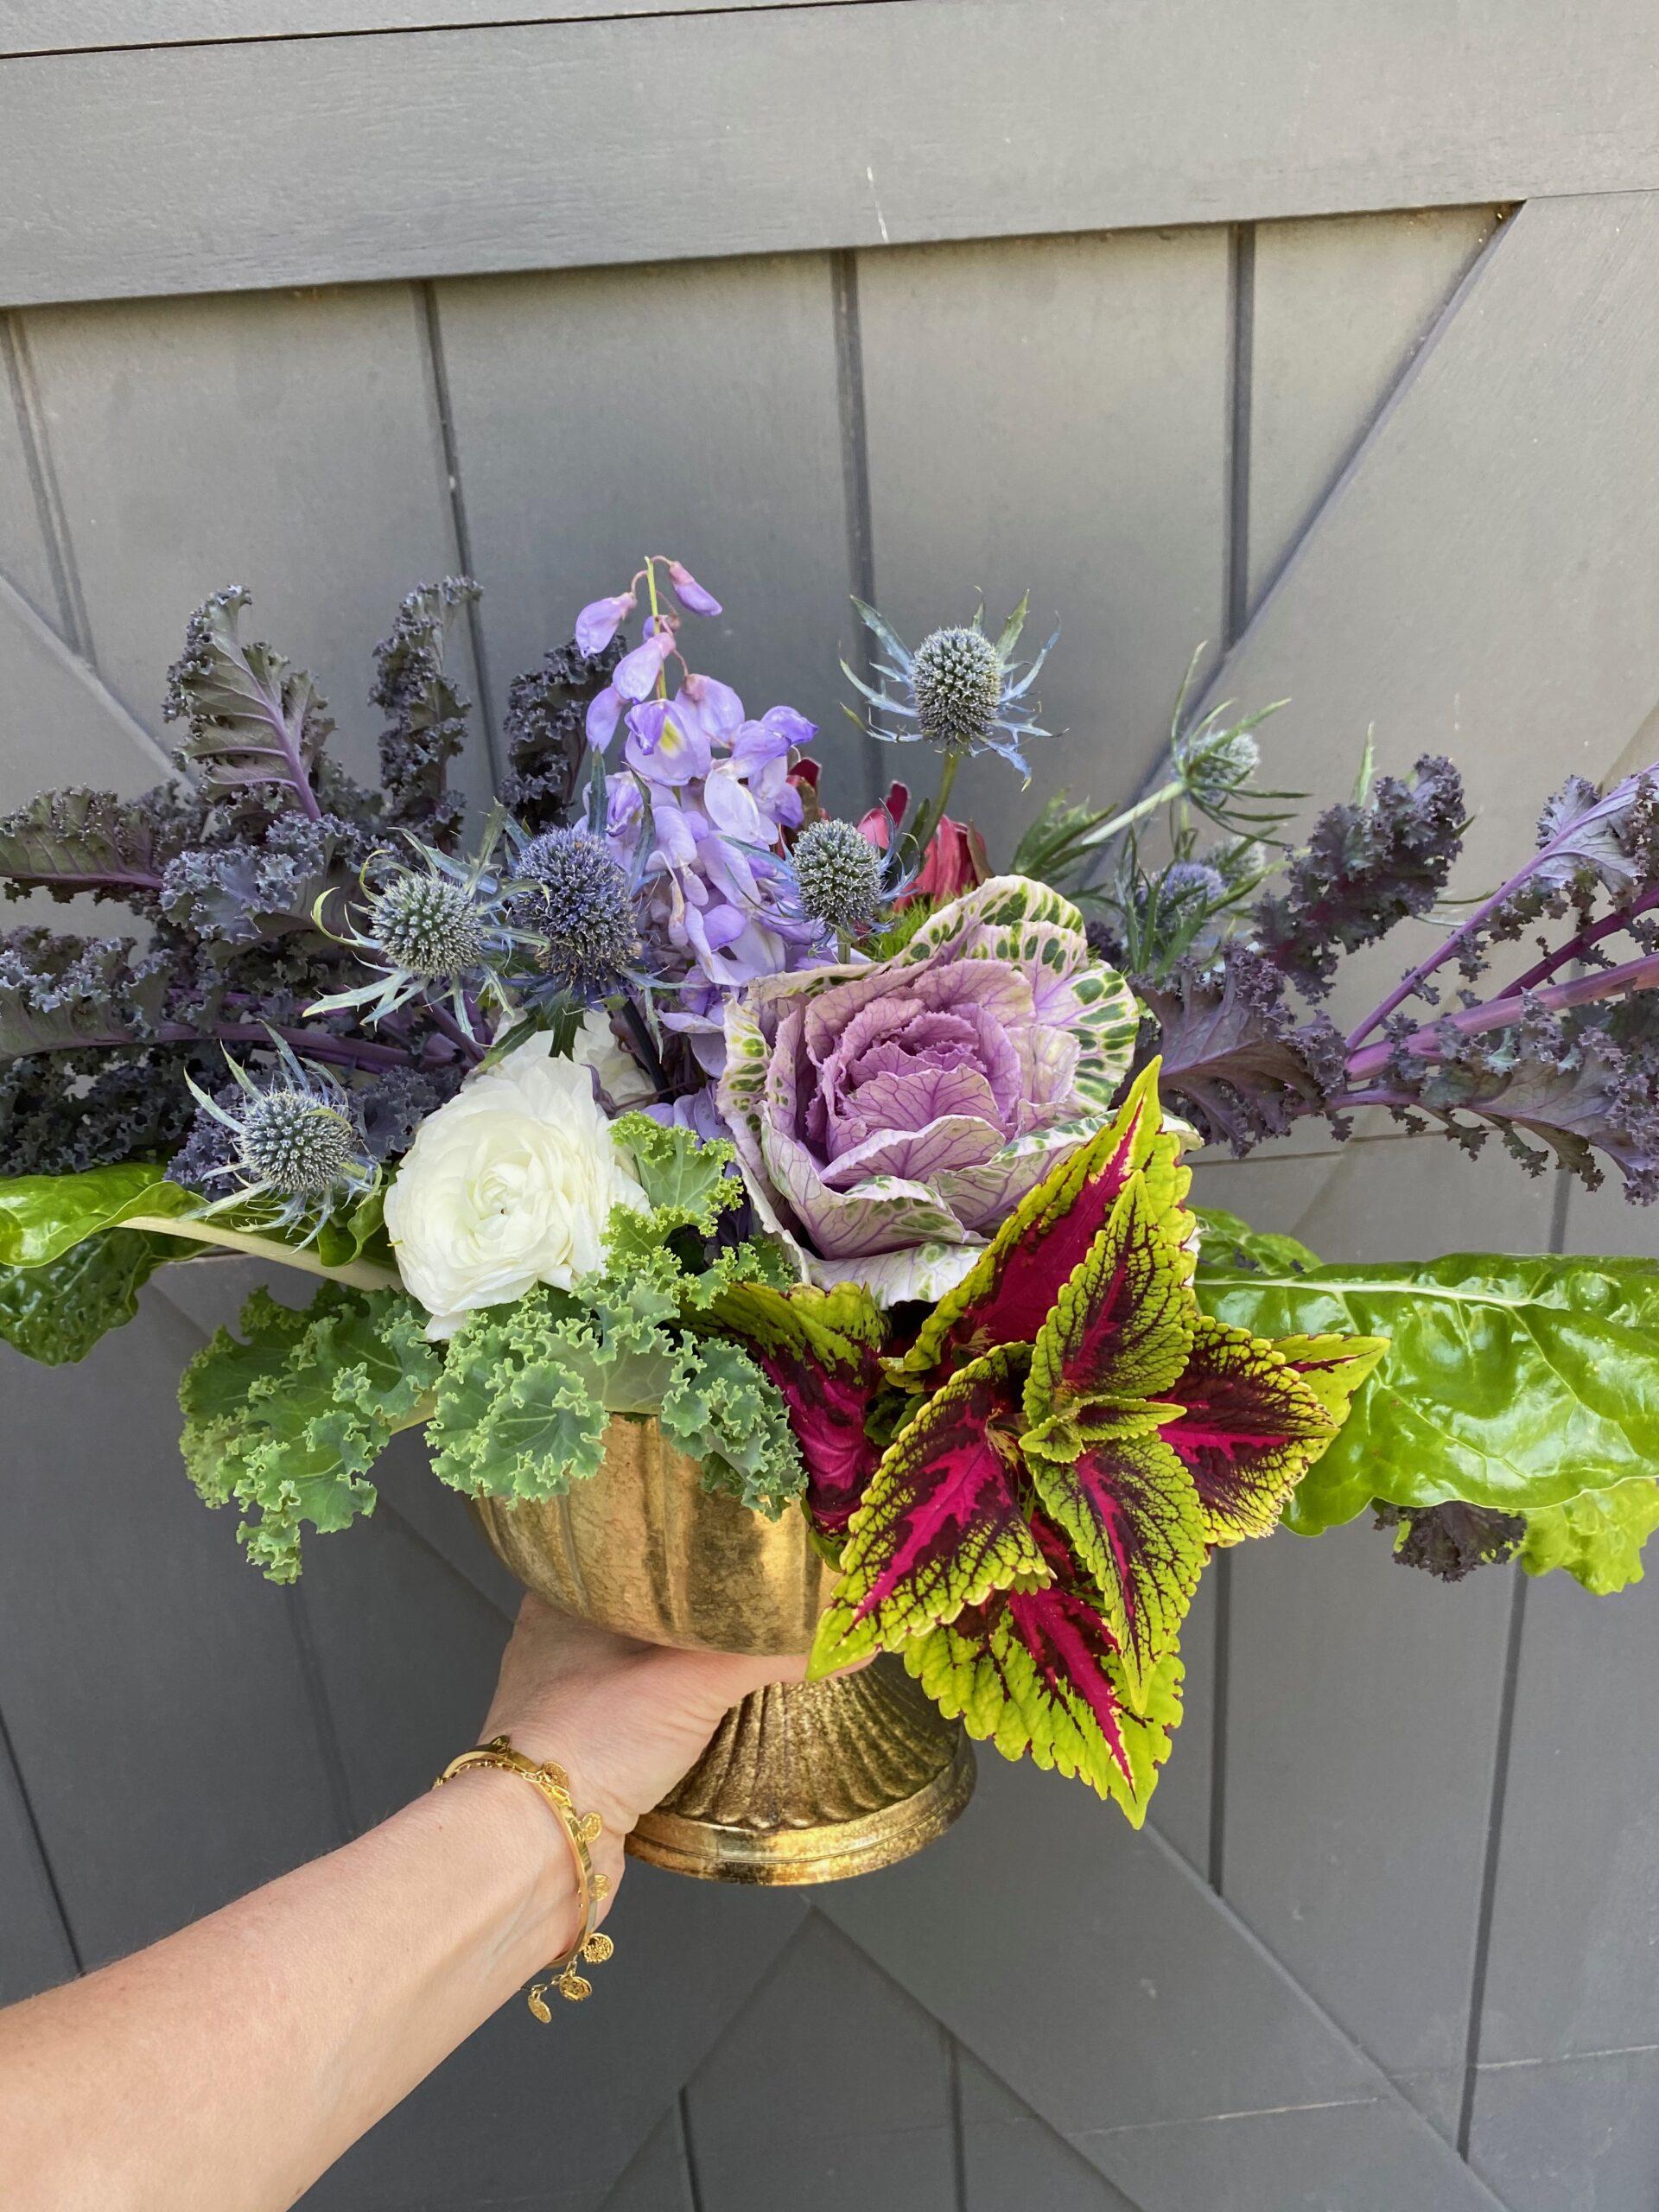 Spring Flowers: Tips for DIY Arrangements